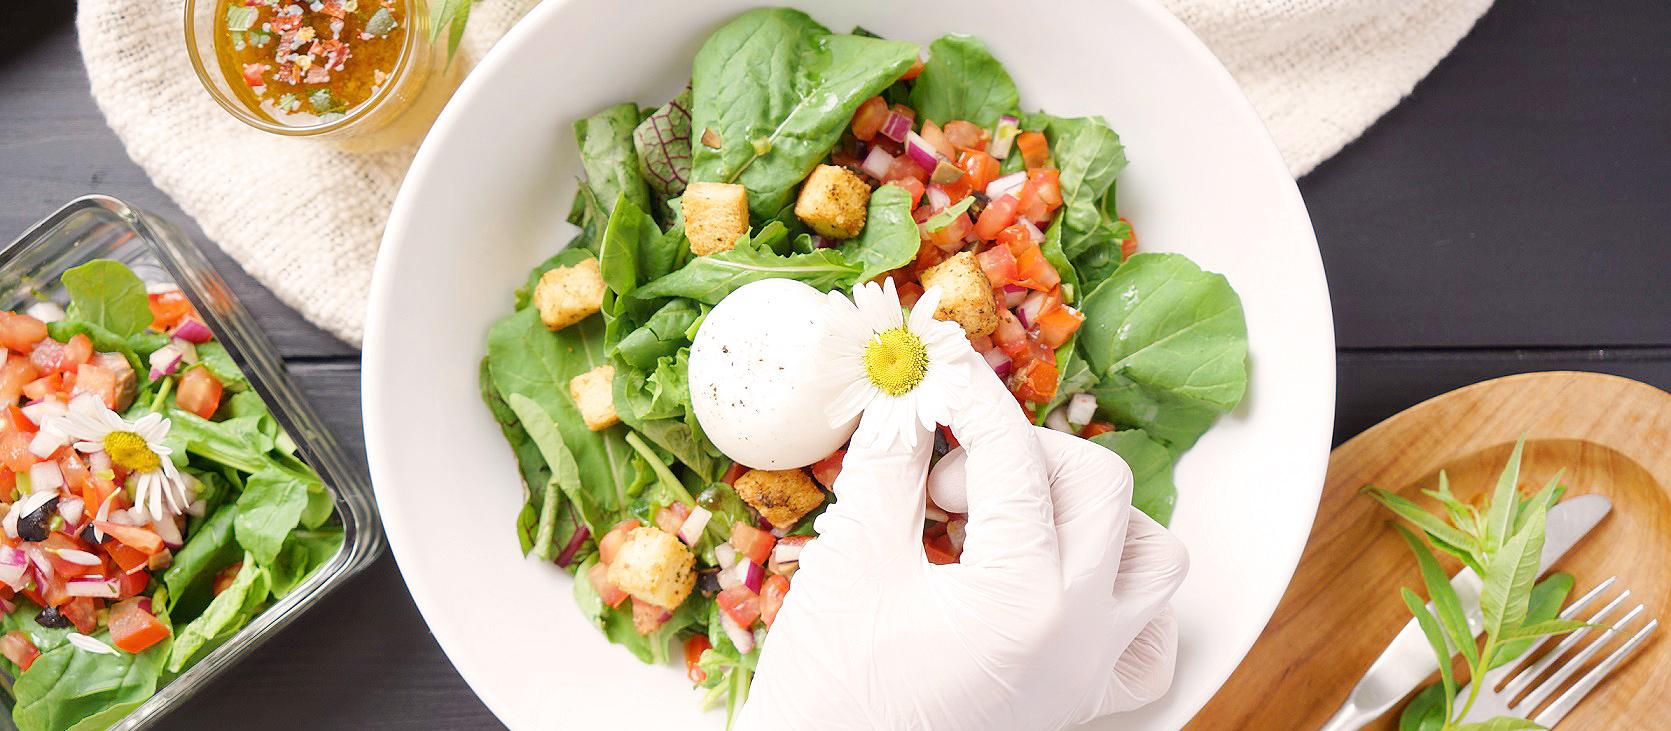 허브와 꽃을 요리에 넣어보세요. 맛과 건강이 달라집니다.